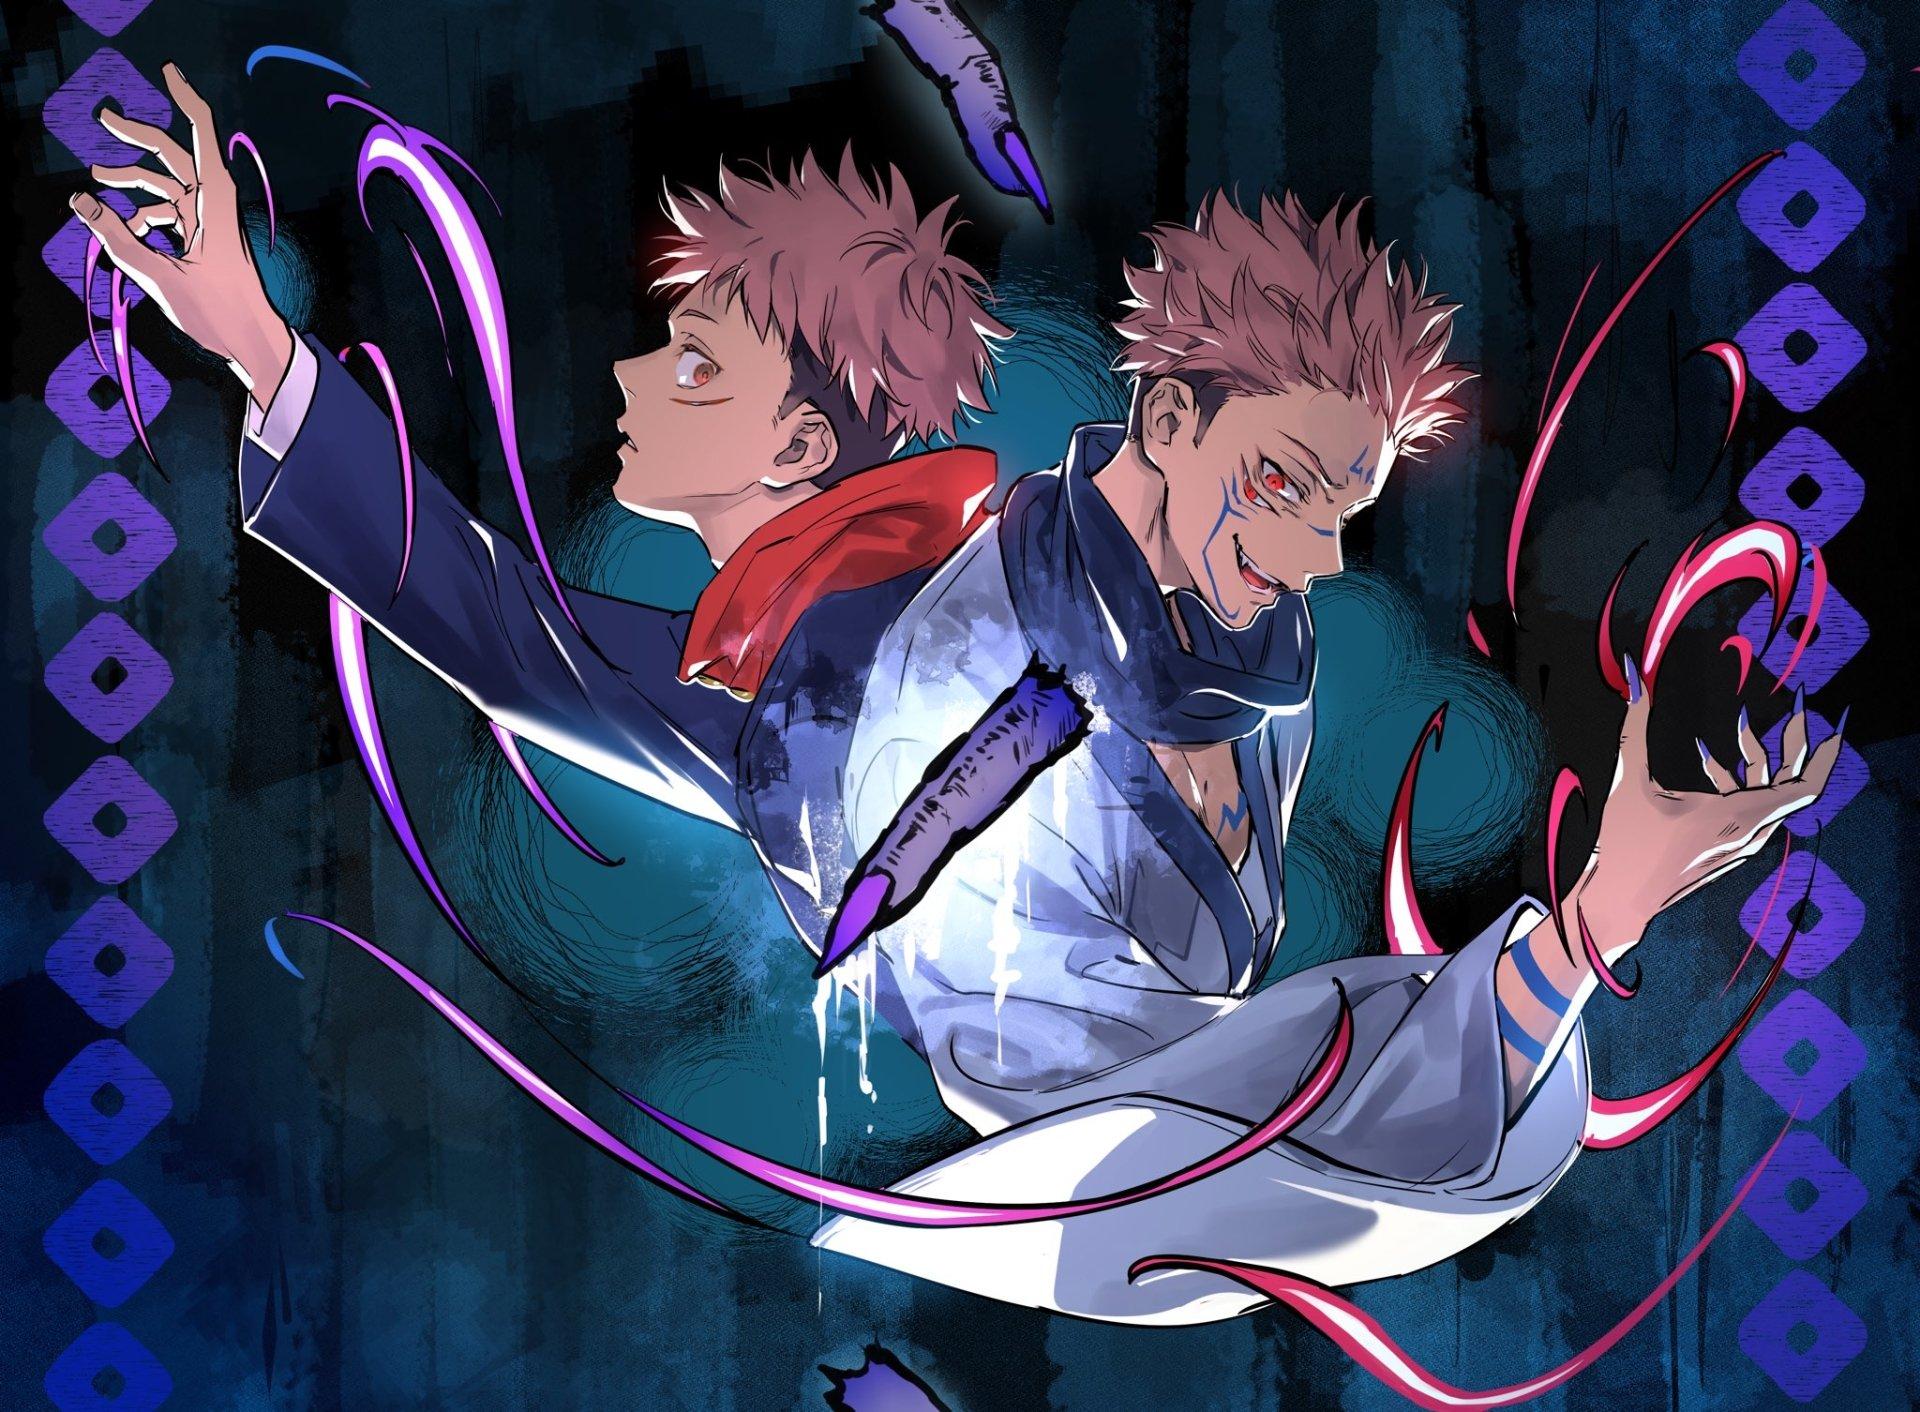 Hot: Doanh thu của manga Jujutsu Kaisen tăng đột biến, 2021 sẽ là năm của bột truyện này